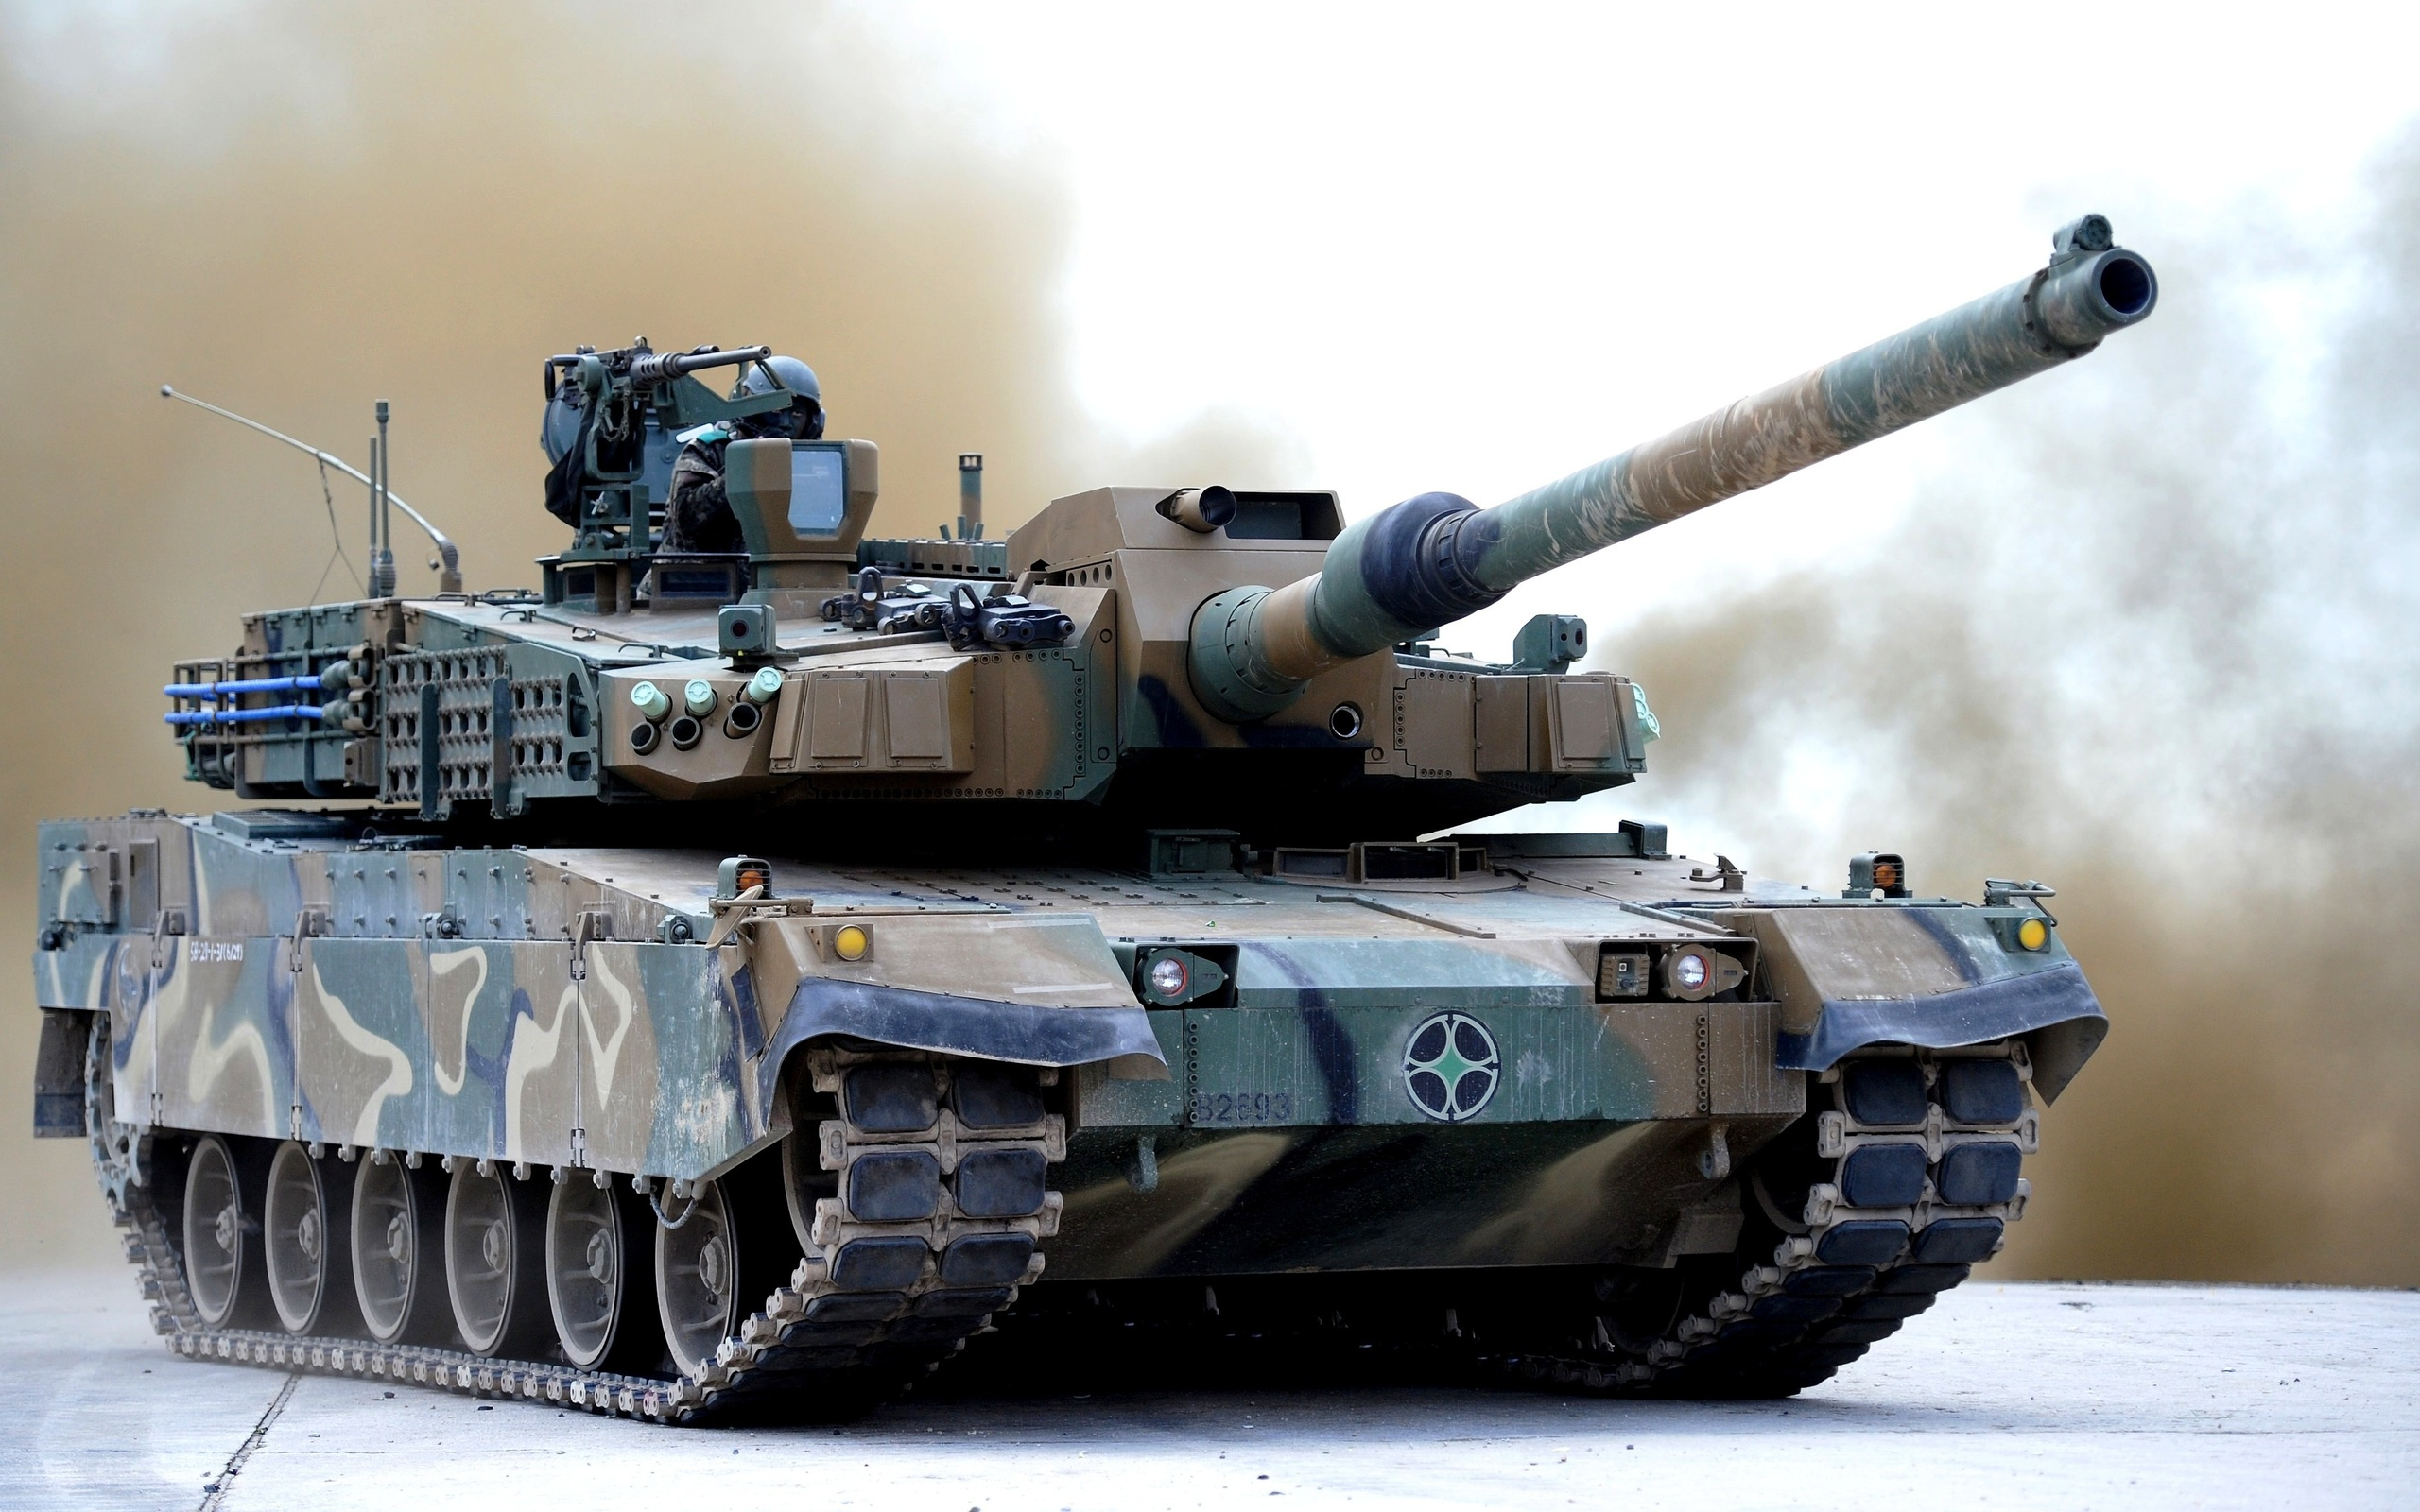 Tanks_2K_Black_Panther_549291_2560x1600.jpg